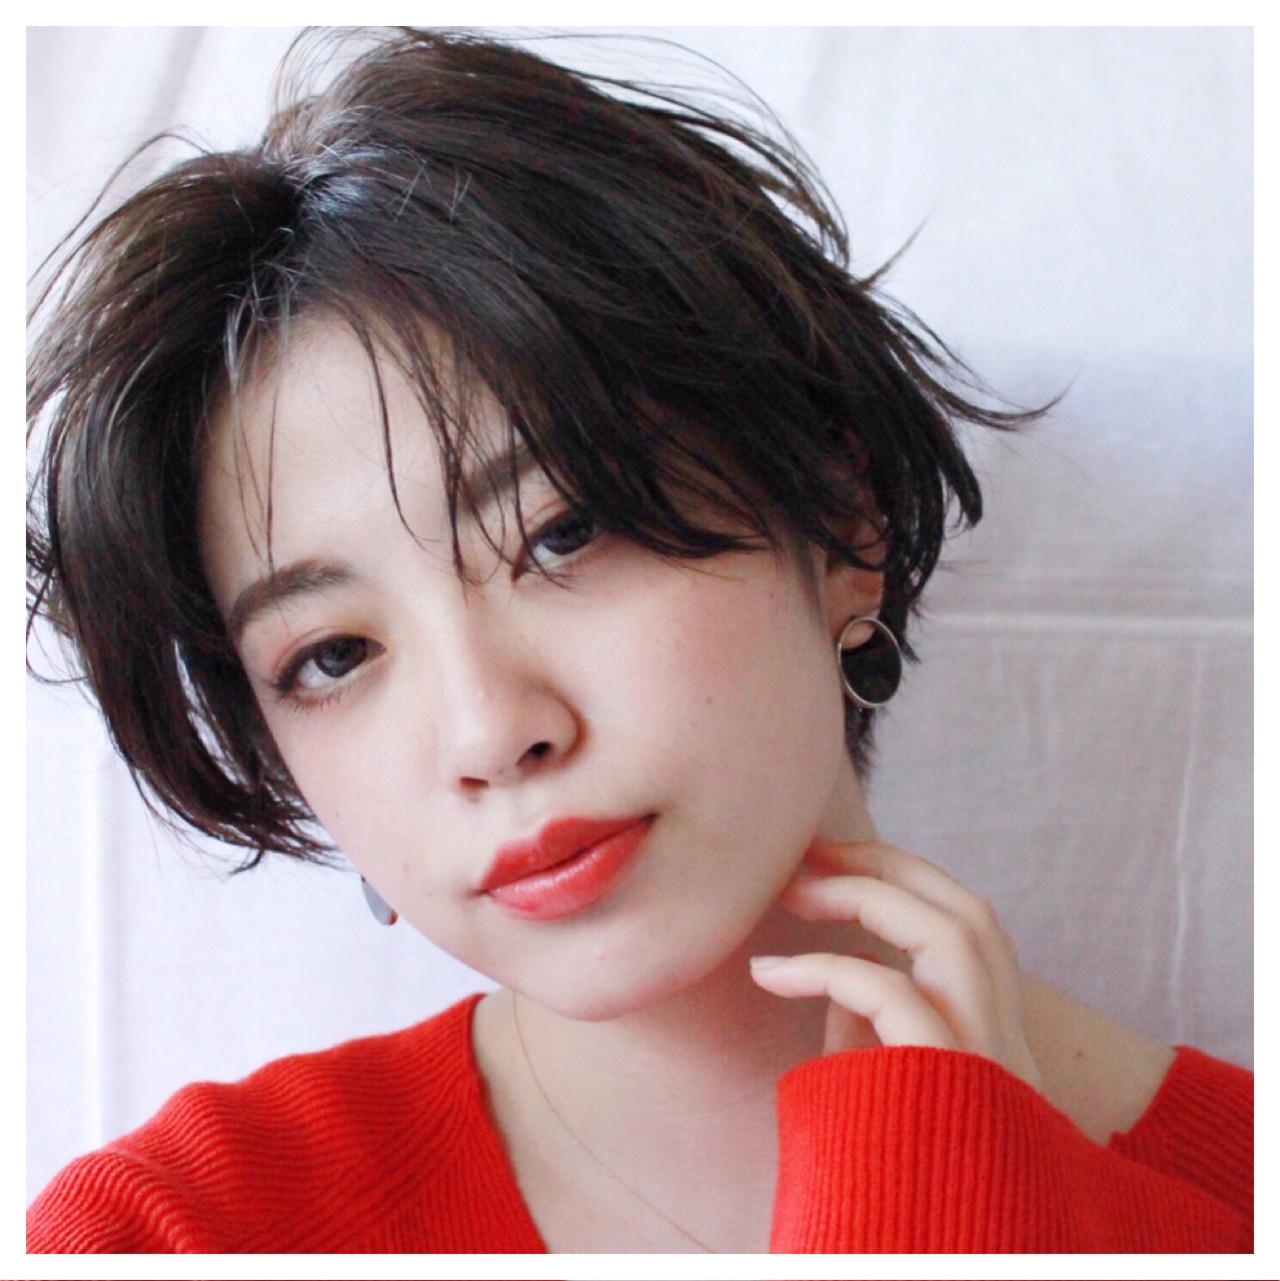 伸ばしかけ前髪はセンター分けで大人可愛く♡ショート×センター分け美人カタログ 廣瀬祐太